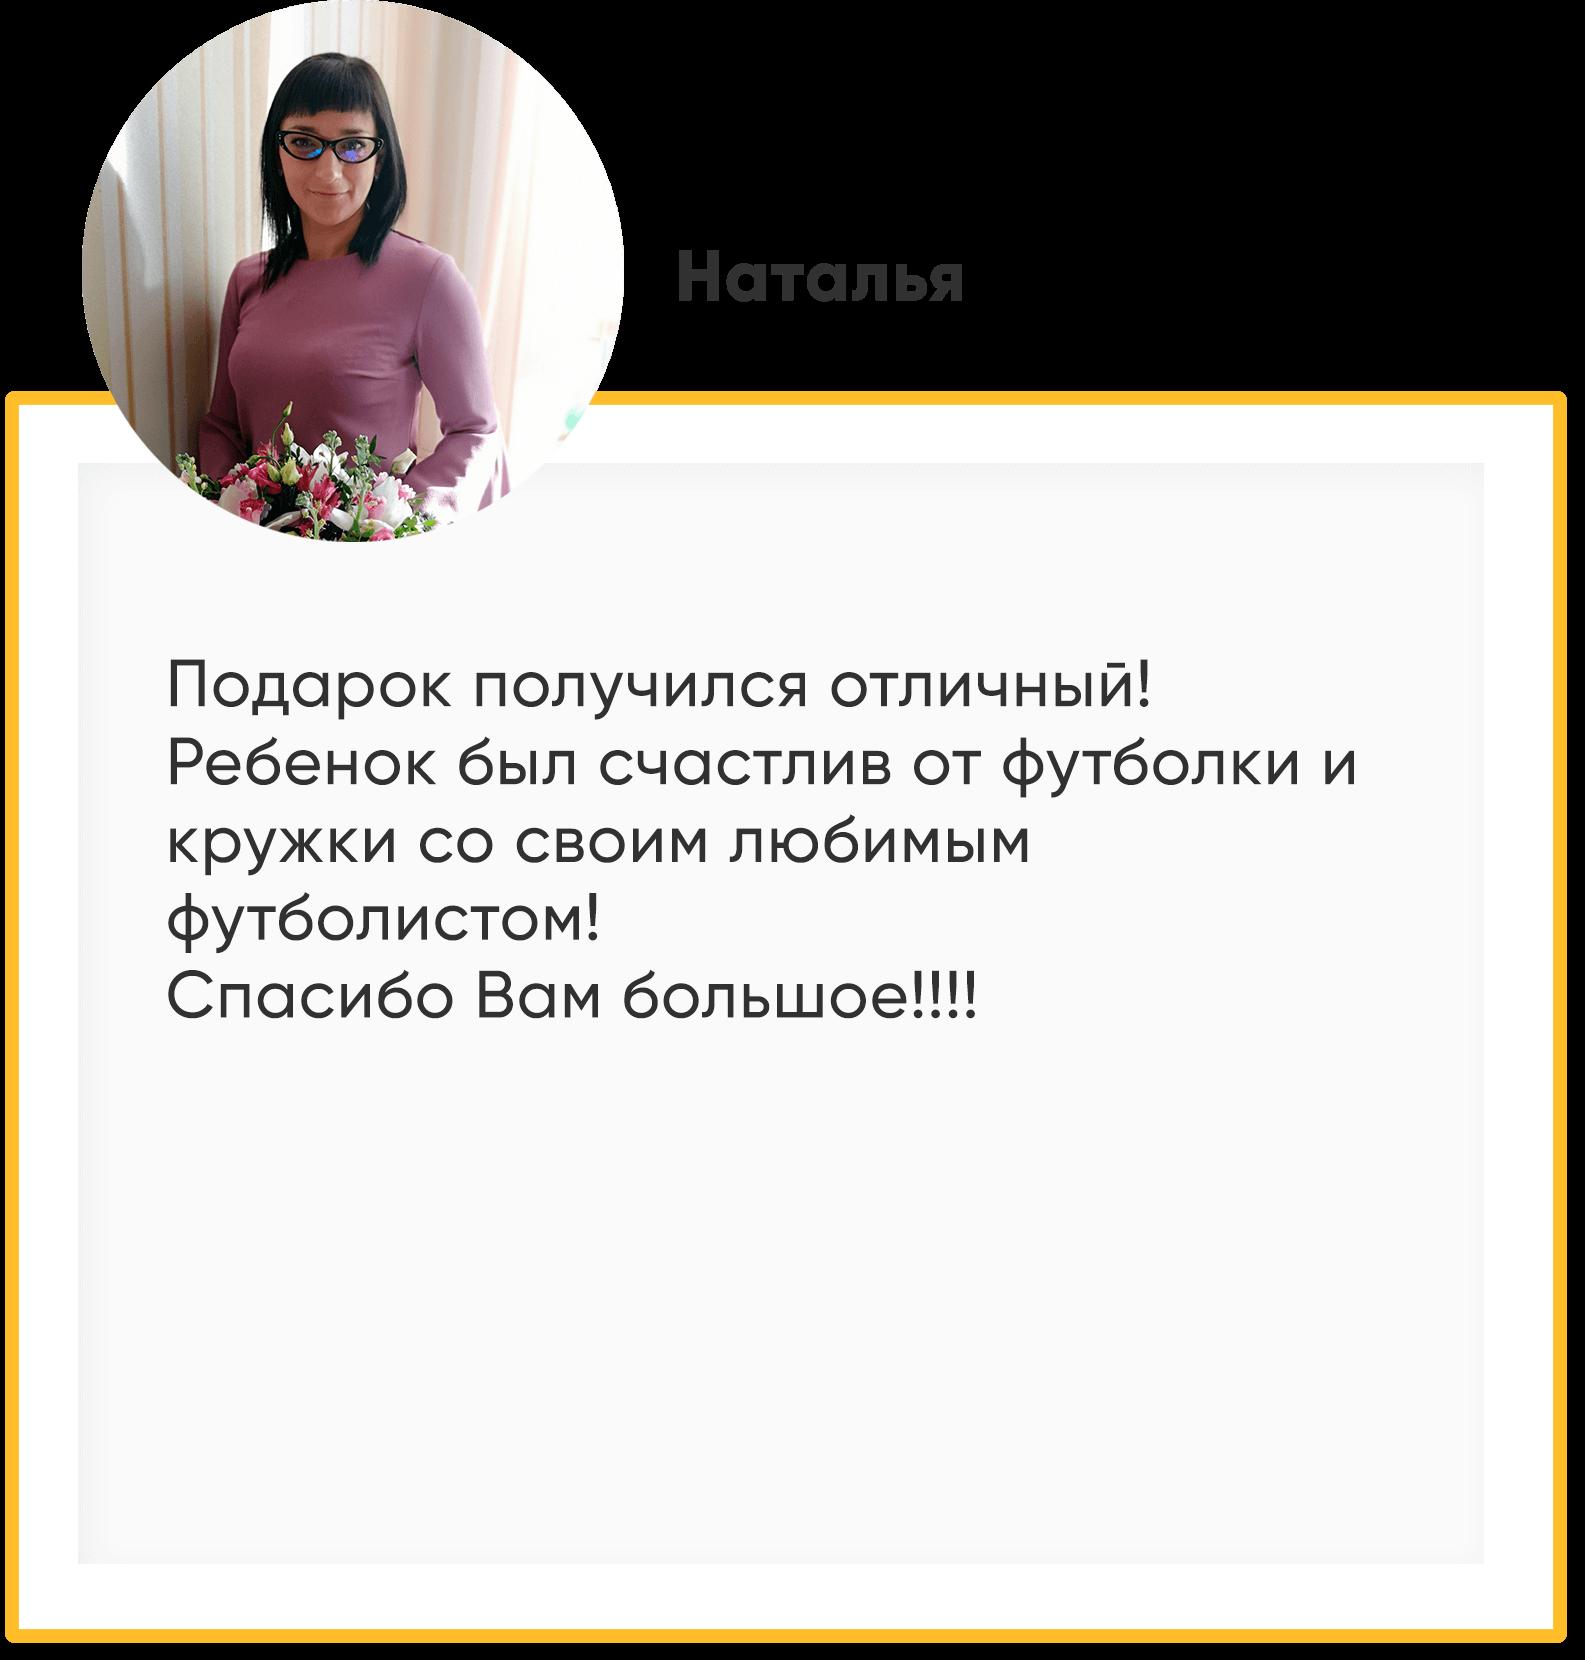 Kartochka_otzyva 1